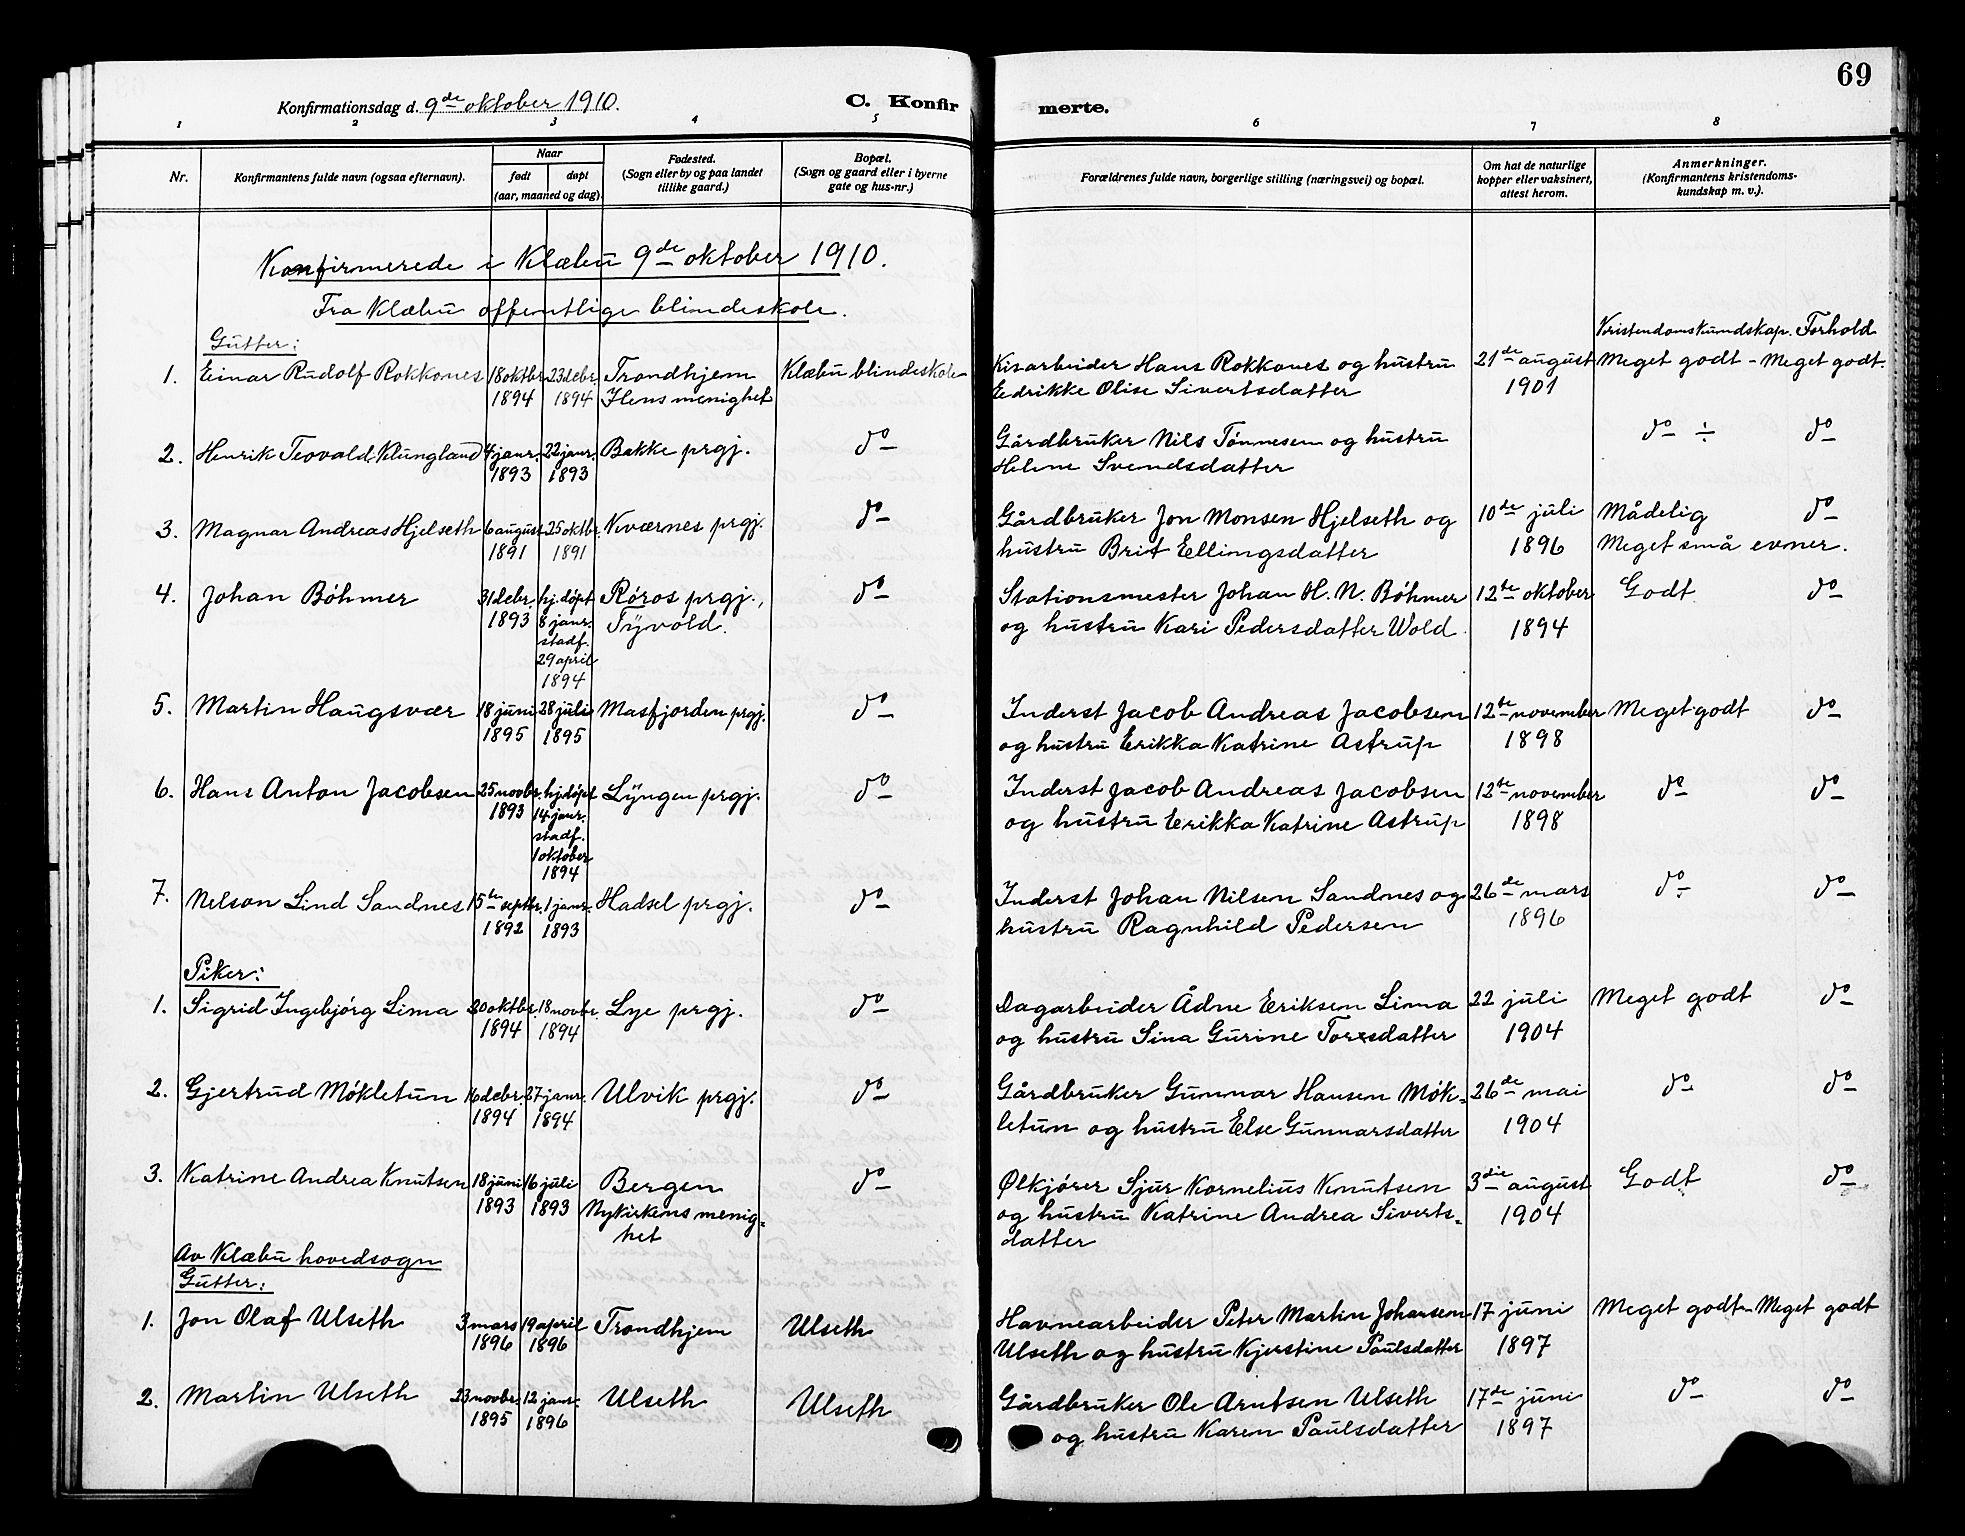 SAT, Ministerialprotokoller, klokkerbøker og fødselsregistre - Sør-Trøndelag, 618/L0453: Klokkerbok nr. 618C04, 1907-1925, s. 69